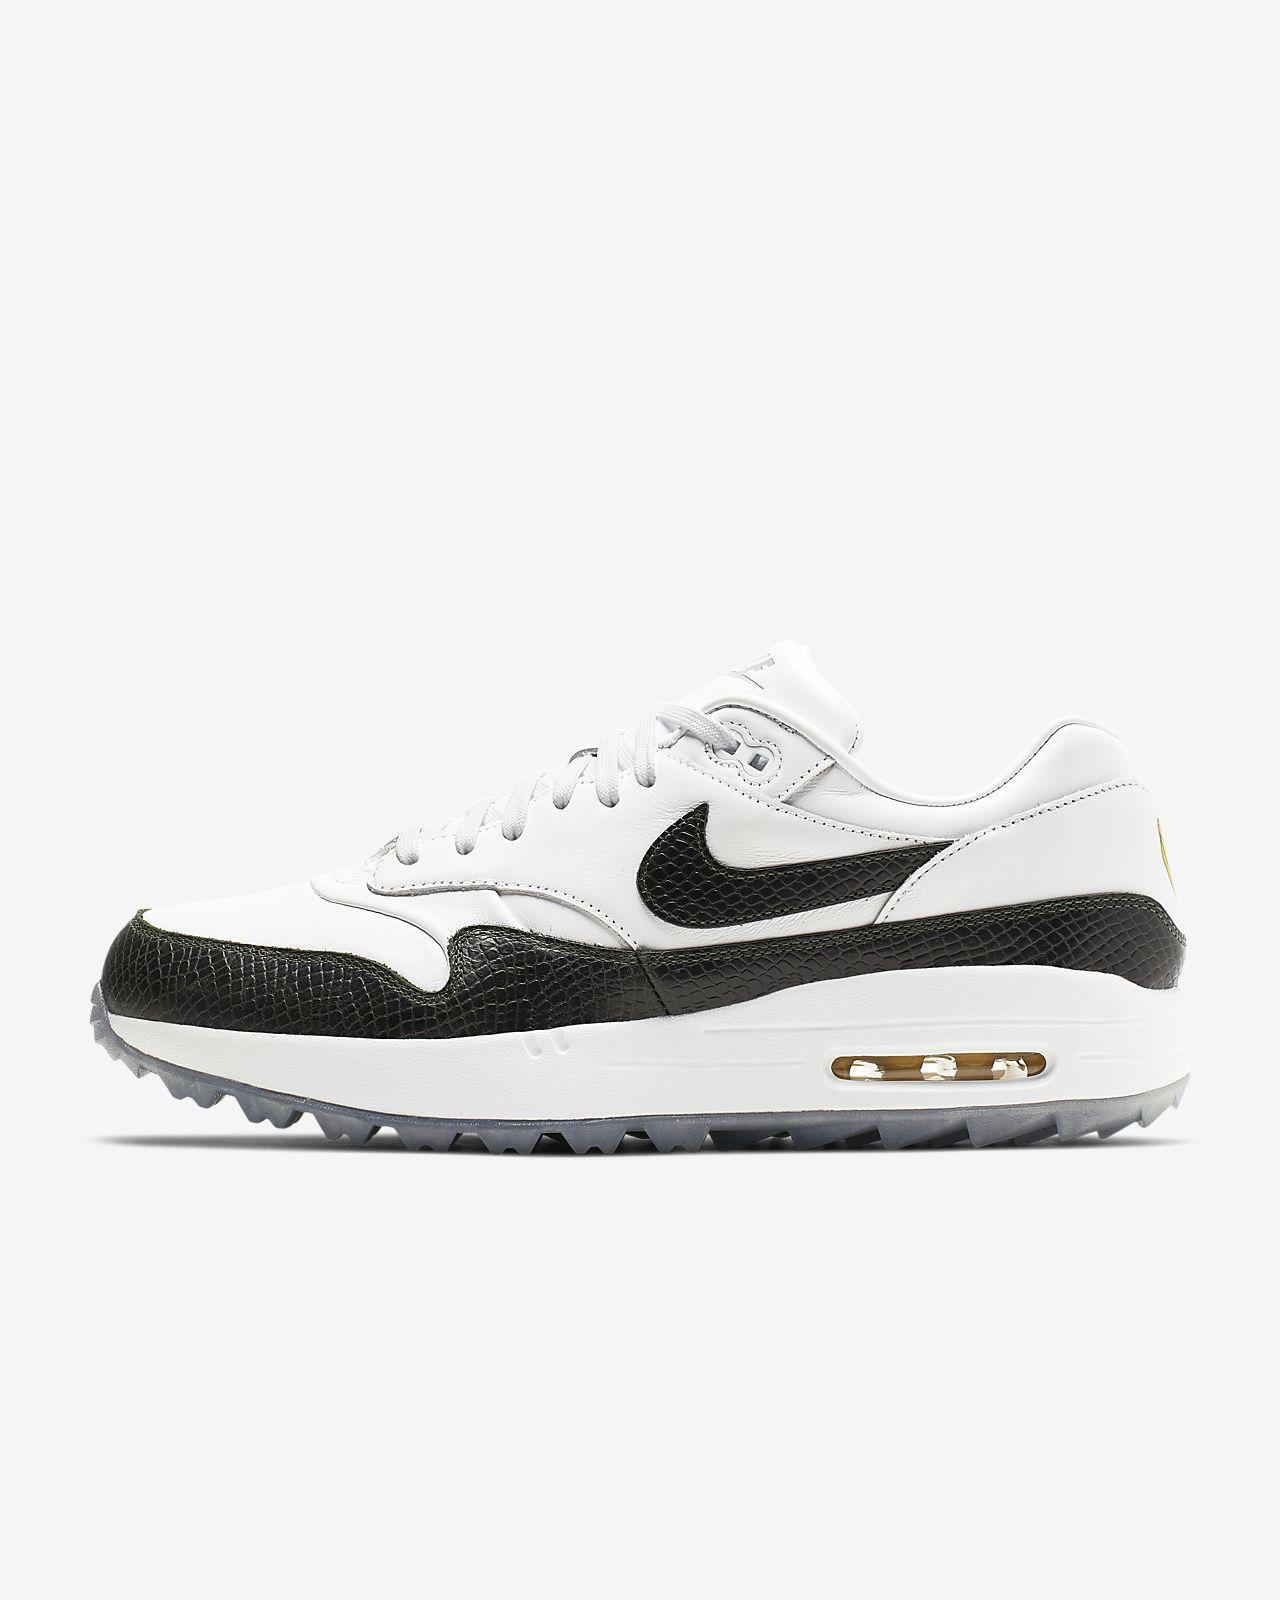 bdbd5330f9ad Nike Air Max 1G NRG Men s Golf Shoe. Nike.com NL